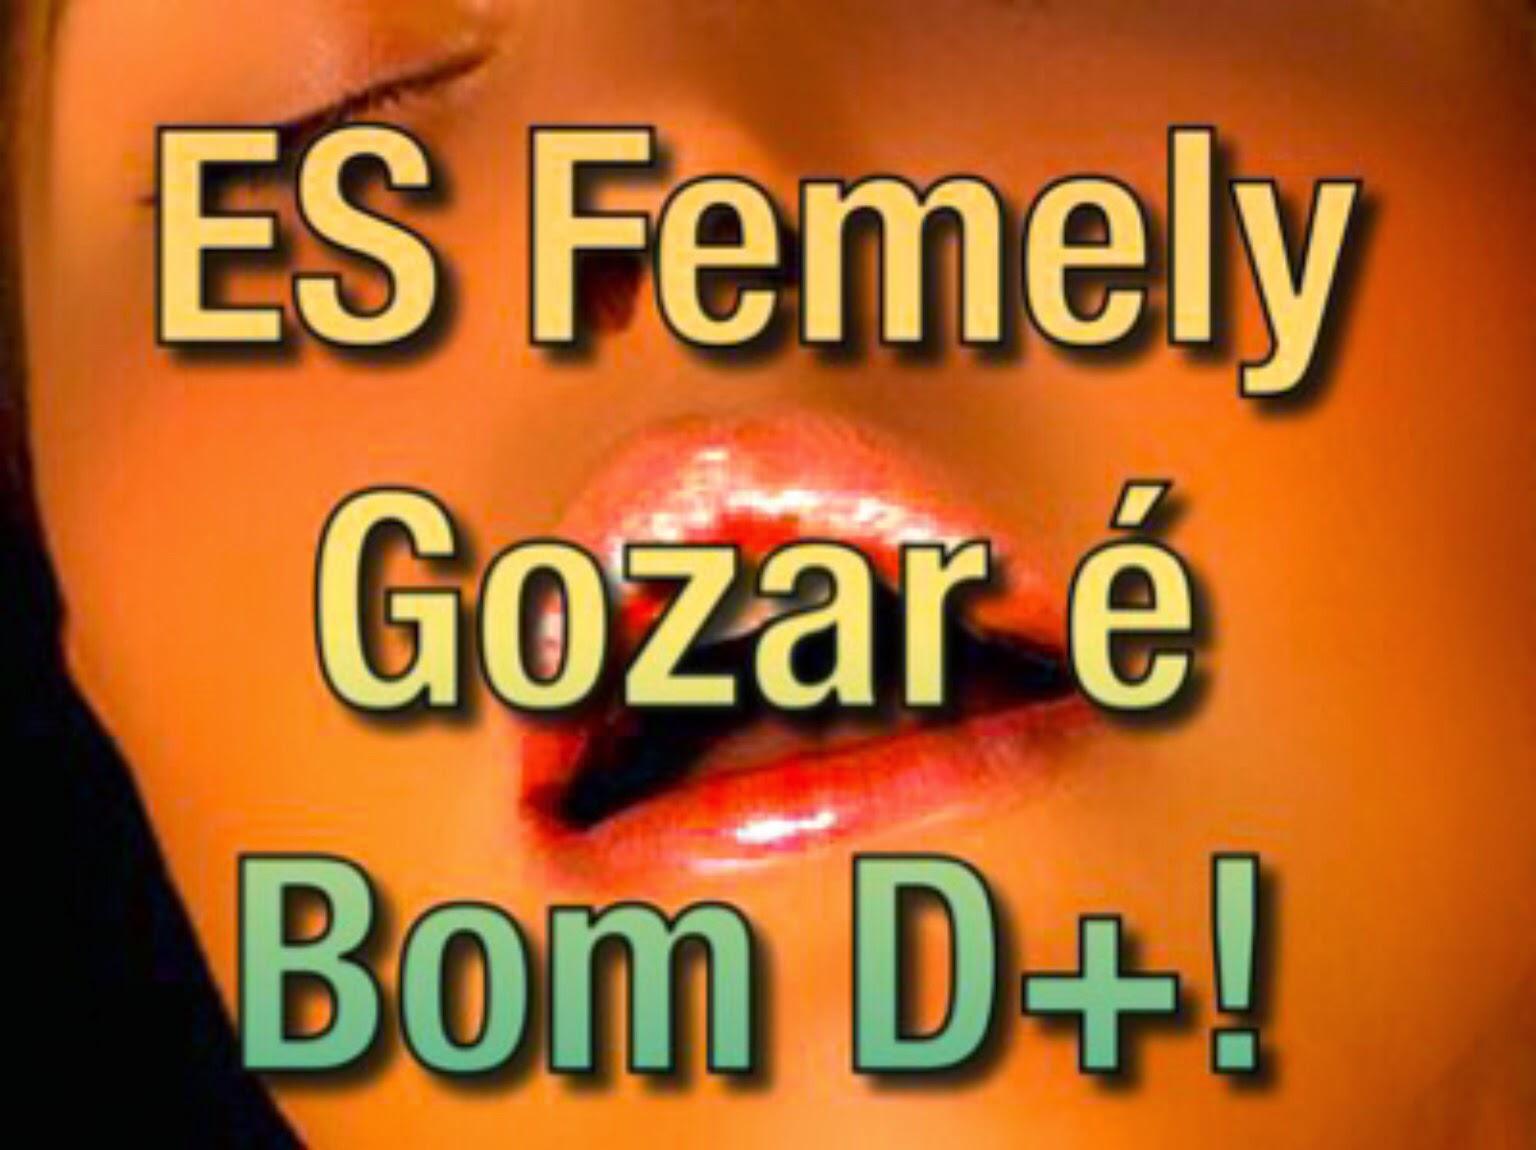 Site De Contacto Sexual Deslmento Vibrador Anal Paraguai-9136